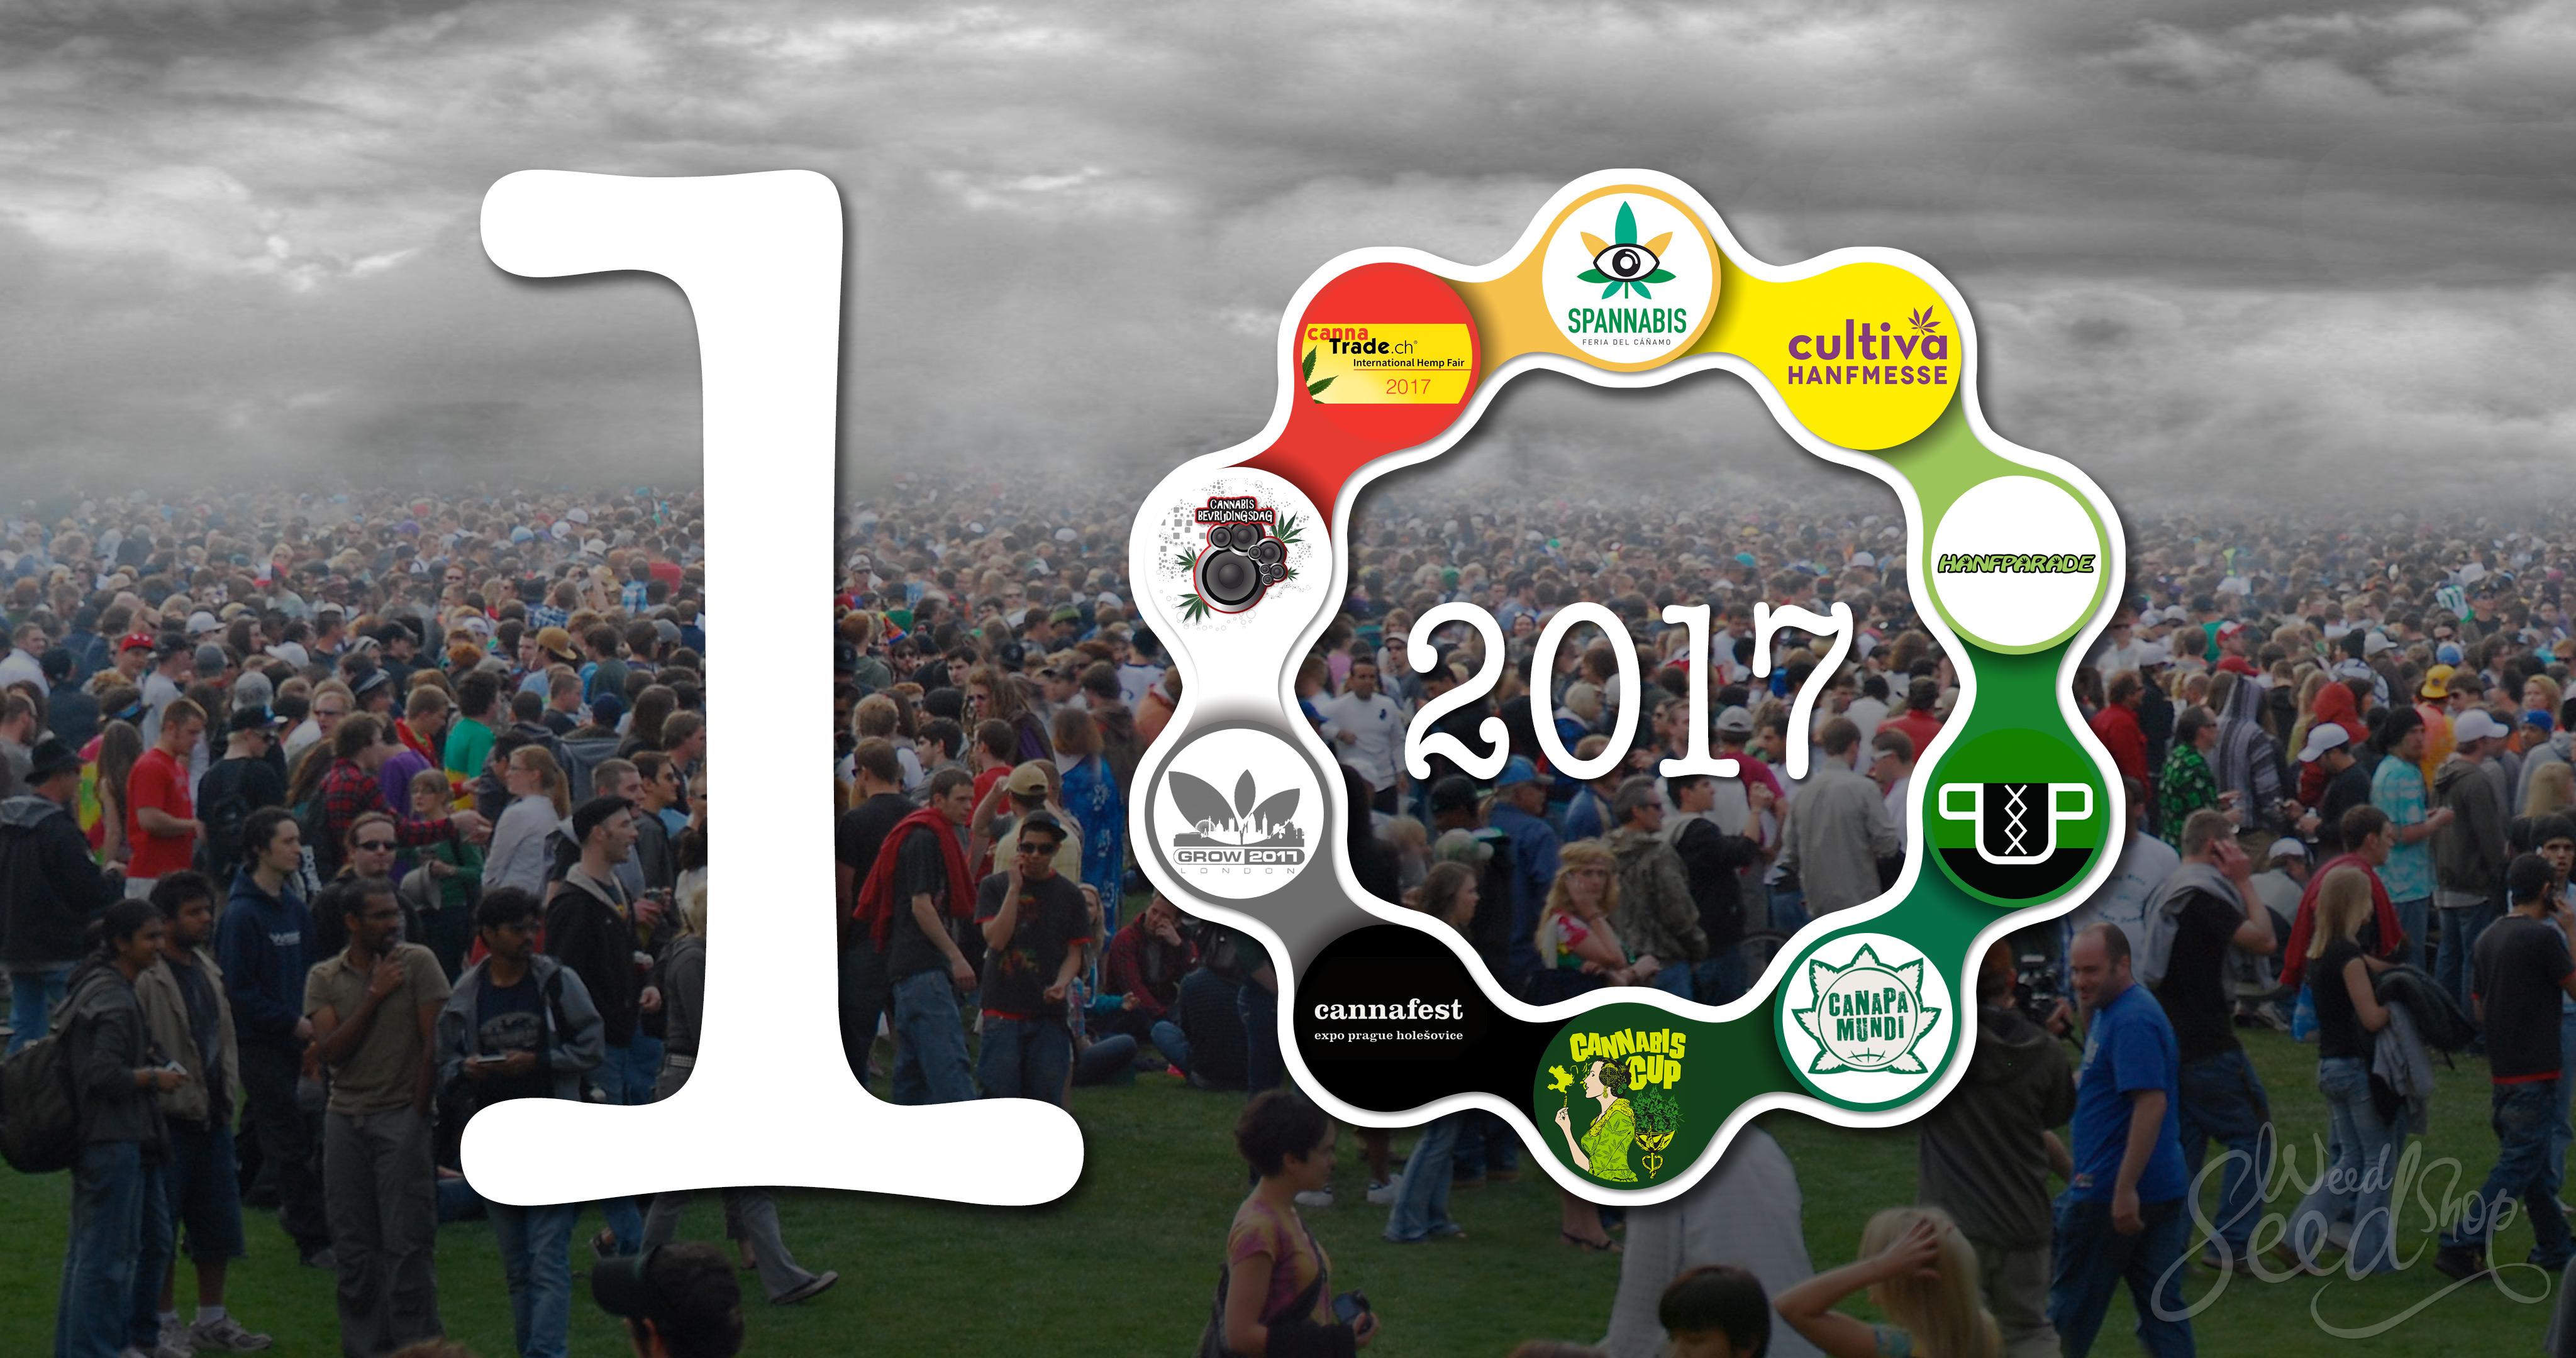 Top 10 eventos europeos de cannabis